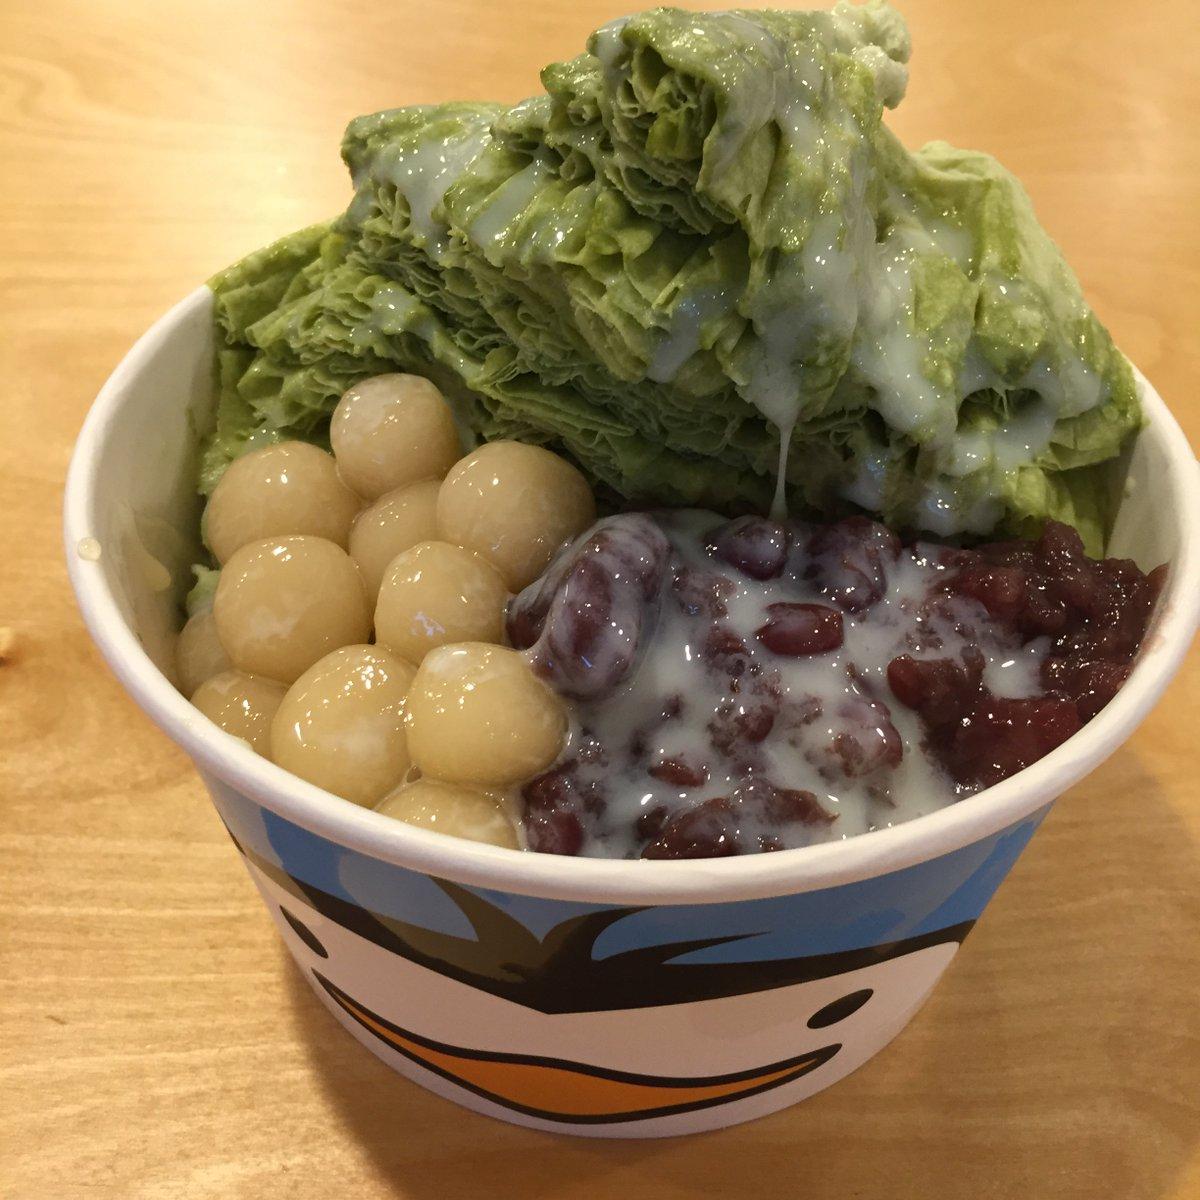 Jaxson's Ice Cream (@IcecreamJaxsons)